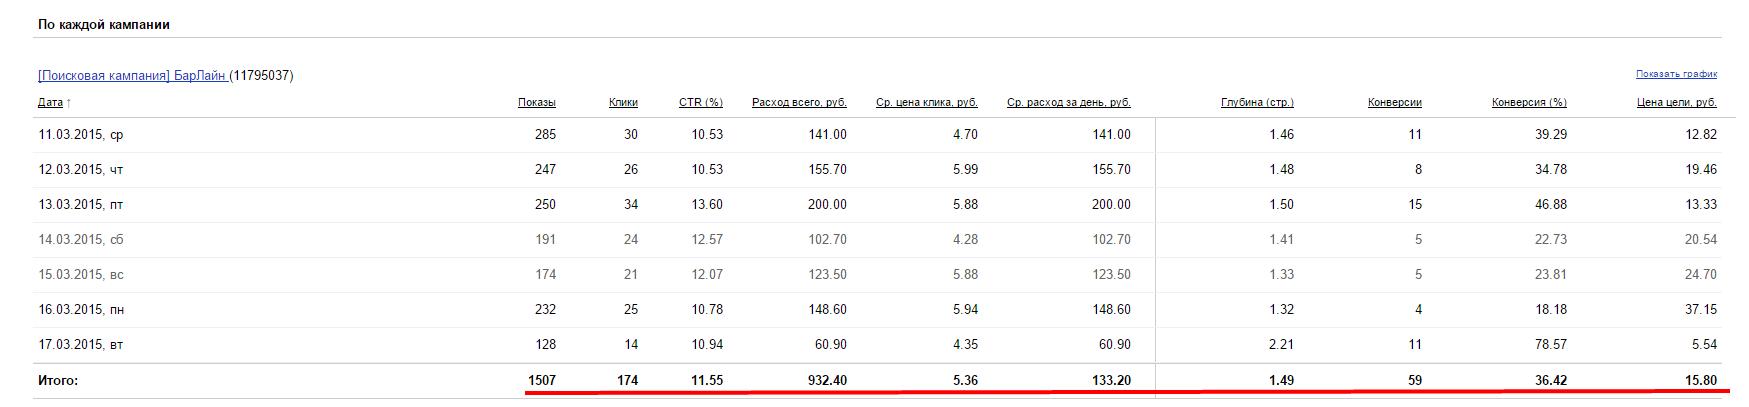 59 заявок на оптовую продажу топпингов по 15 рублей/заявка.